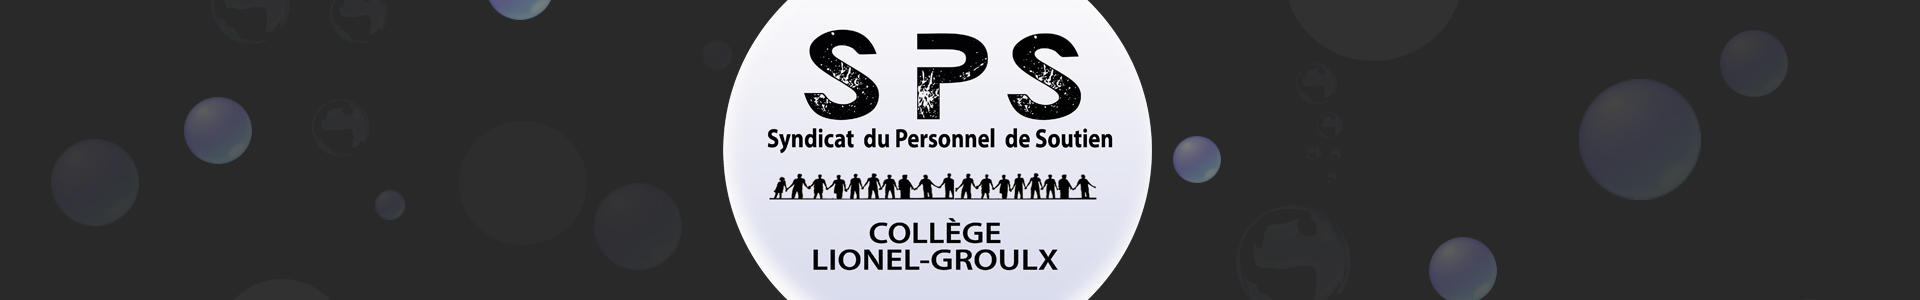 Syndicat du personnel de soutien du Collège Lionel-Groulx